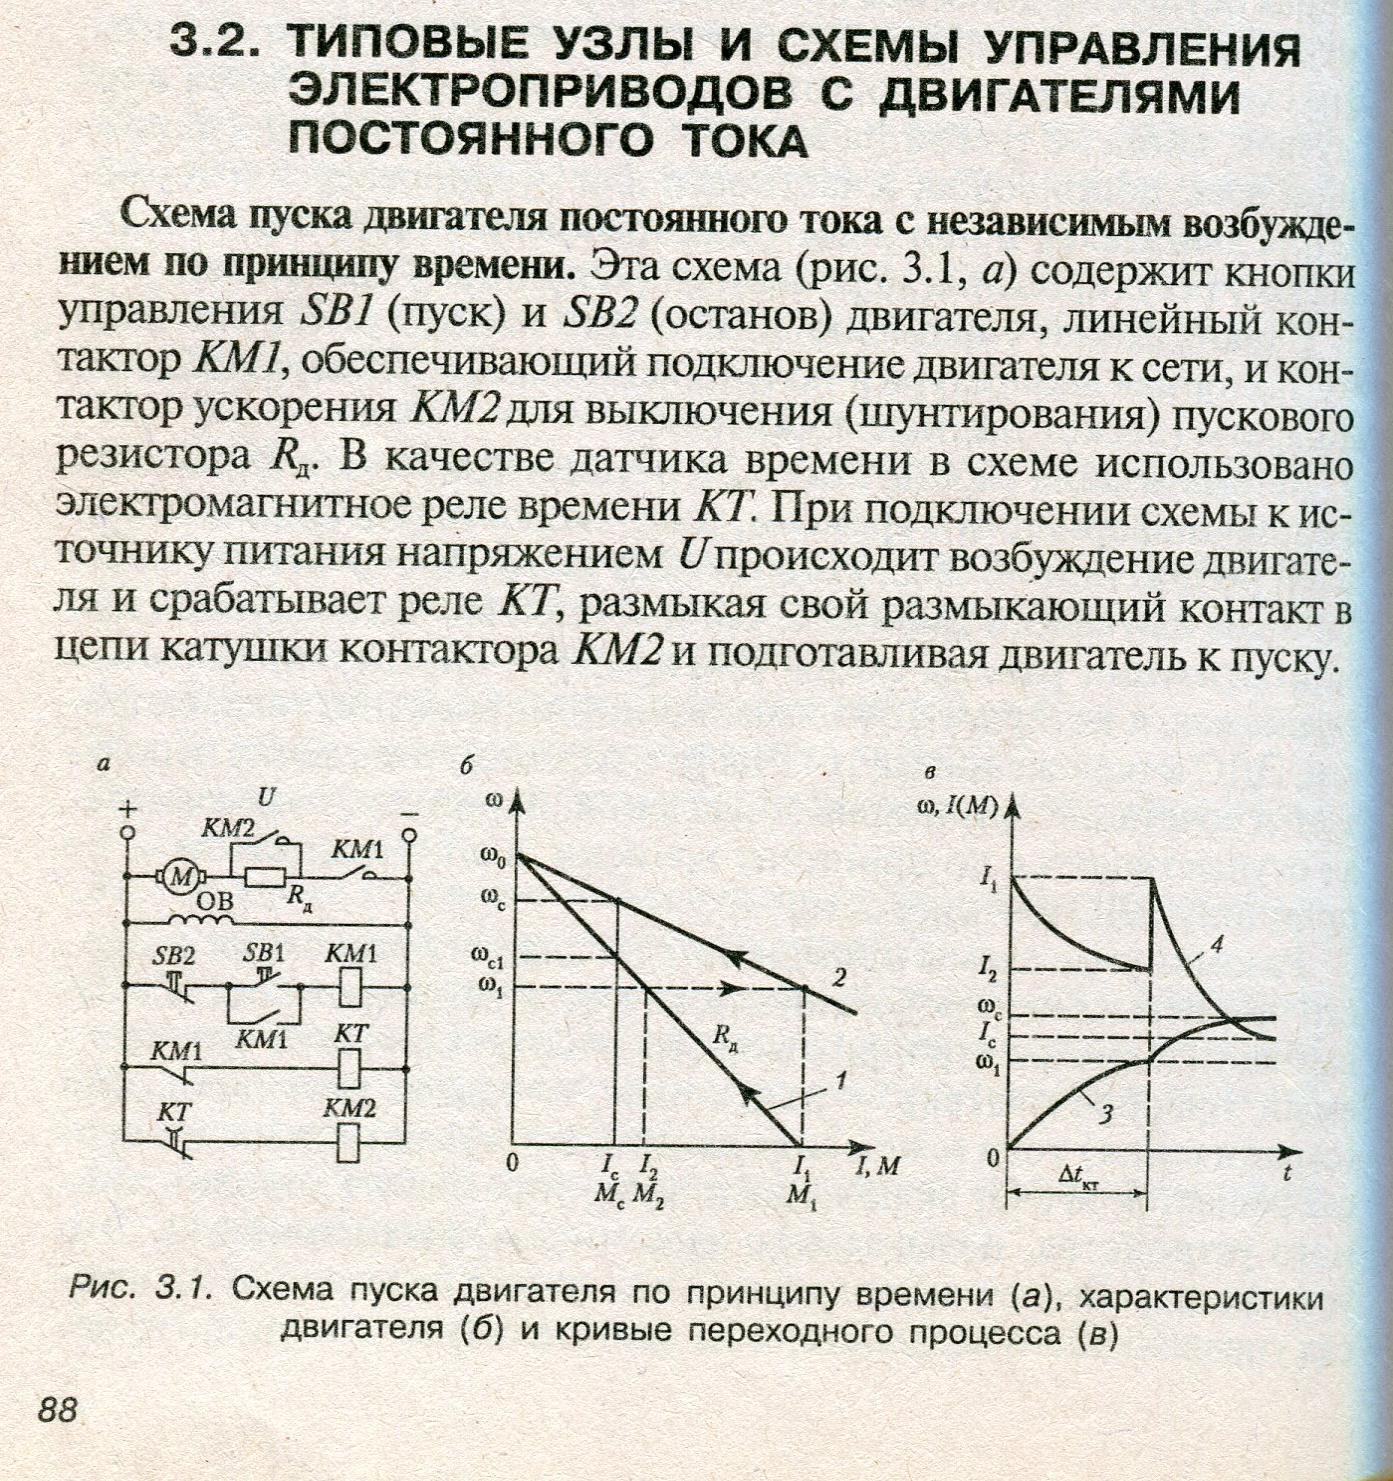 схема подключения контакторов линейных